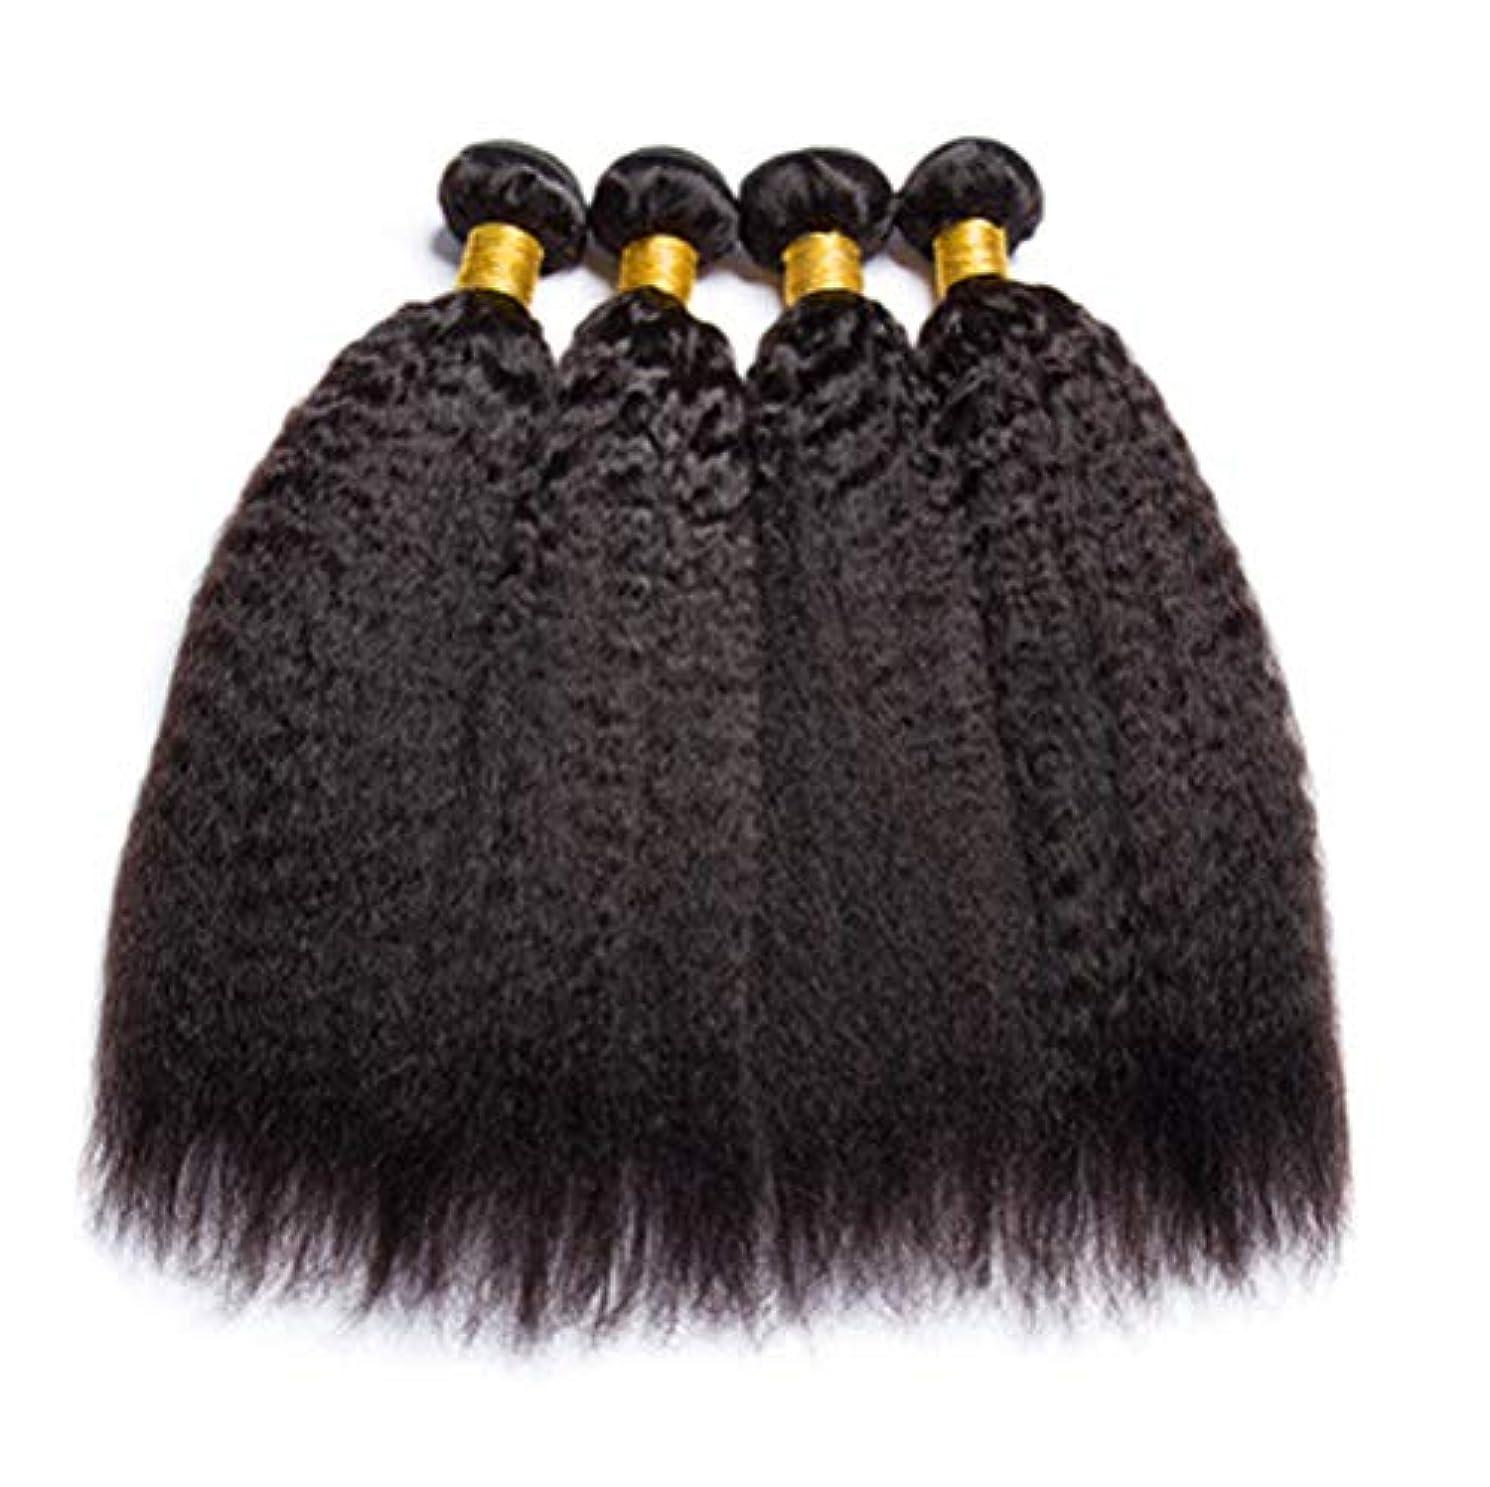 すでにメタルラインレビュー髪織り女性150%密度ブラジル髪バンドル人間の髪バンドルストレートヘア1バンドル非レミー髪